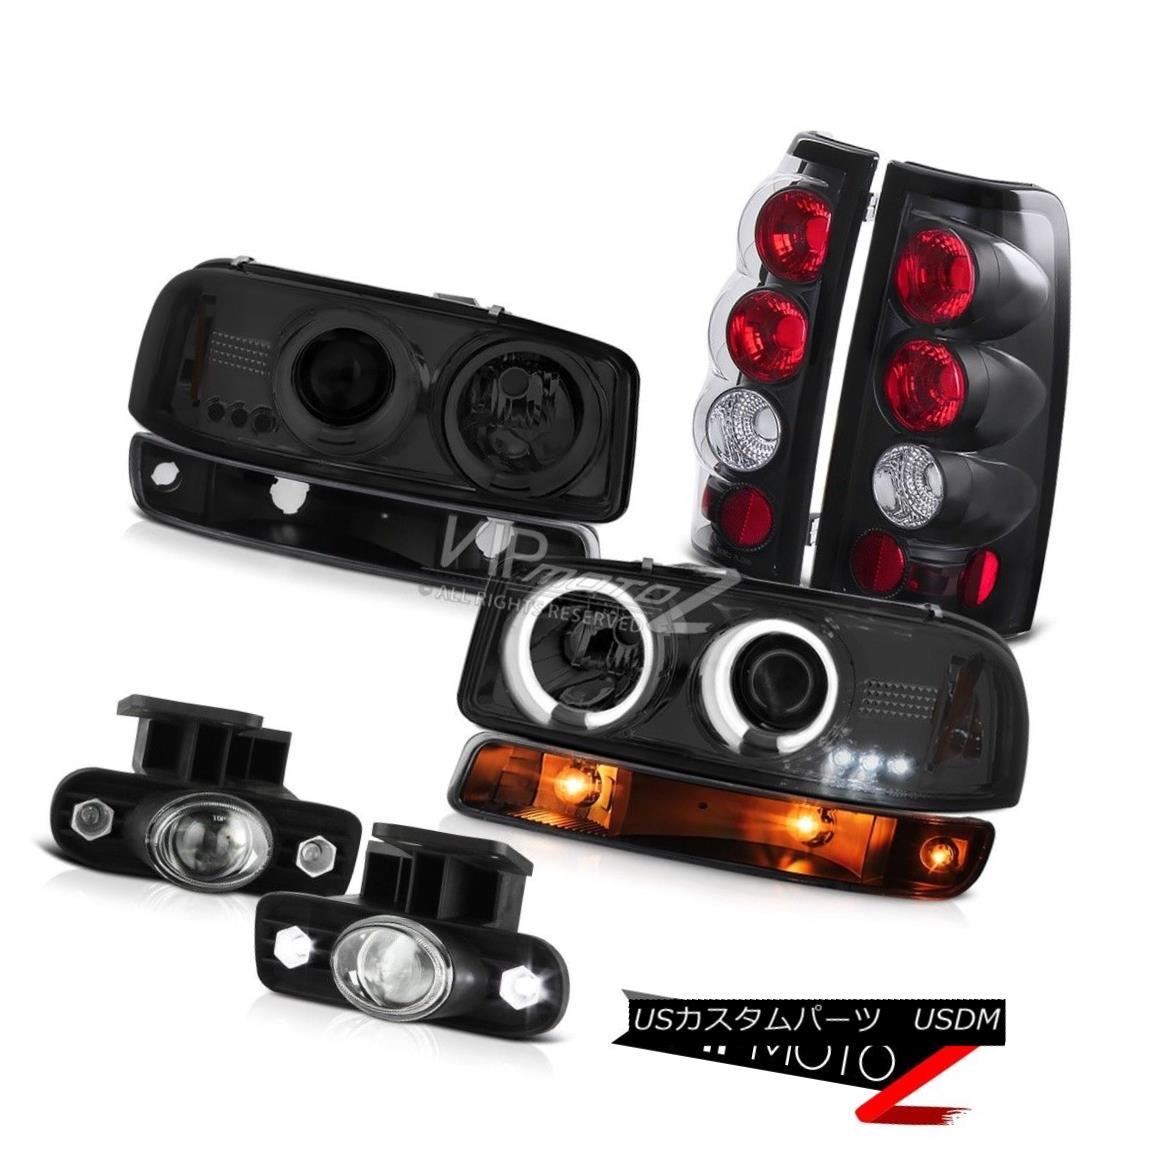 ヘッドライト 99-02 Sierra 6.0L Foglamps taillamps parking lamp titanium smoke ccfl headlamps 99-02 Sierra 6.0L Foglampsテールランプパーキングランプチタン煙ccflヘッドライト